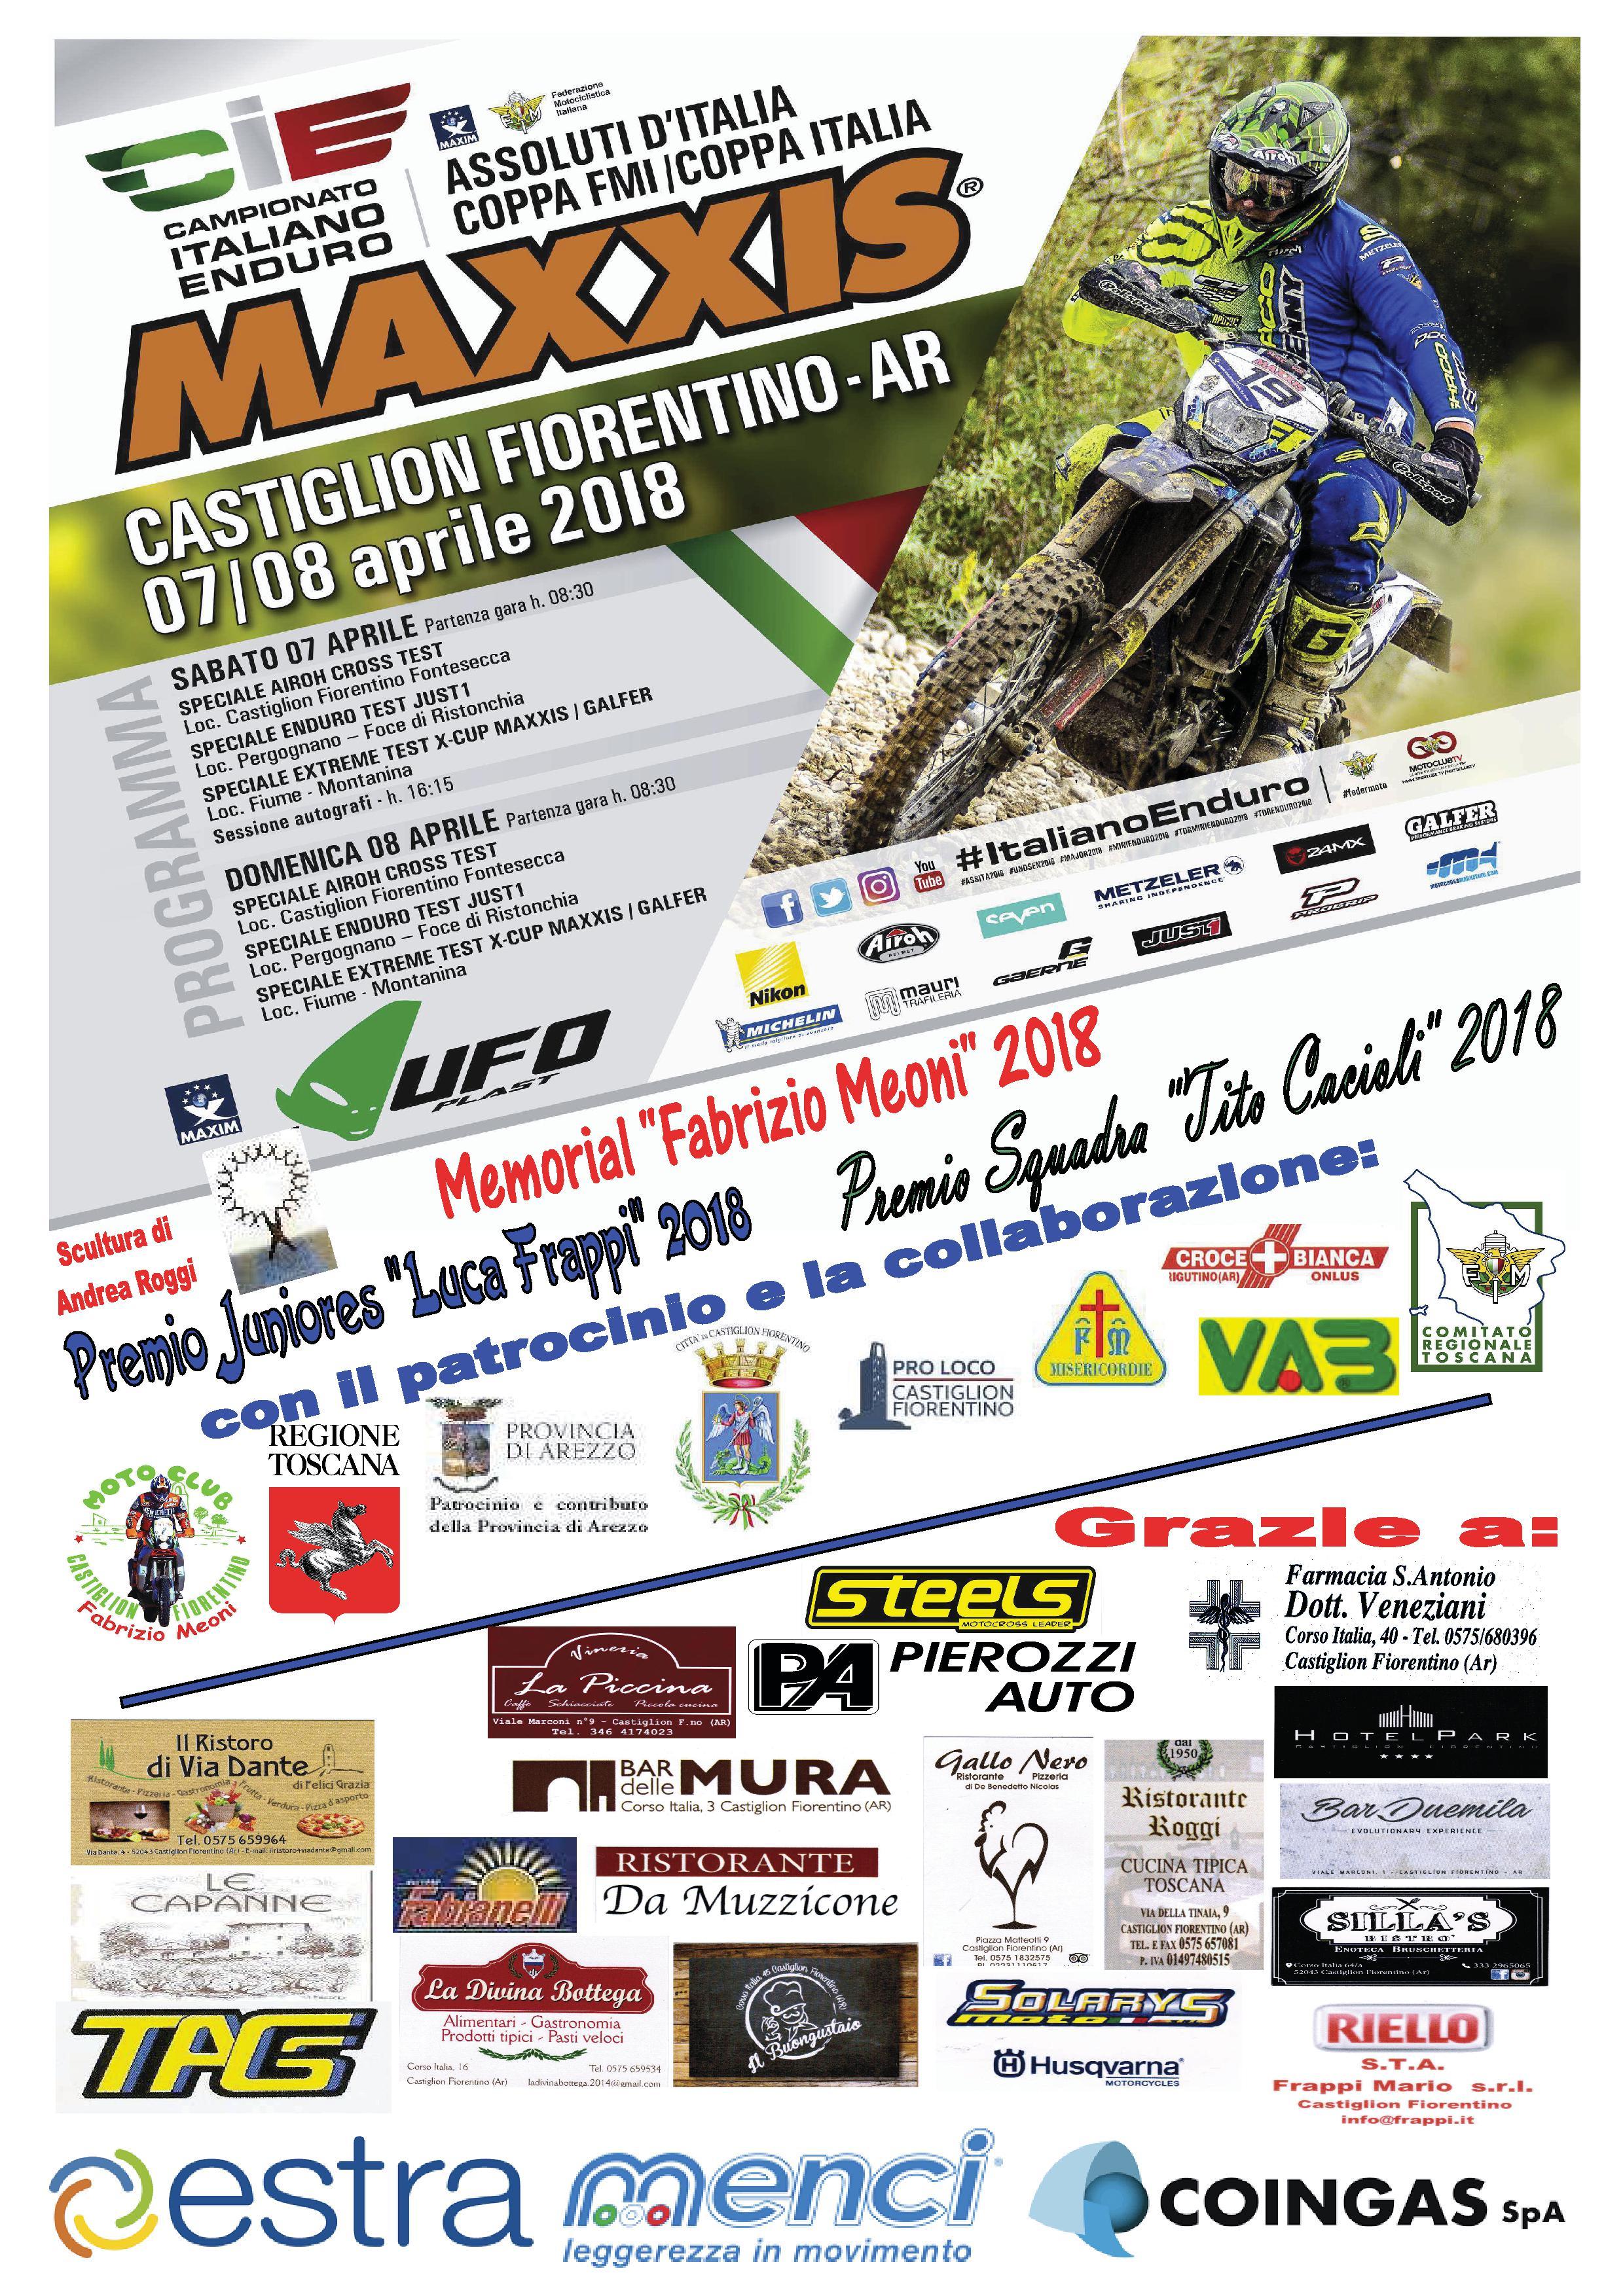 Campionato Italiano Enduro a Castiglion Fiorentino: al via in 160